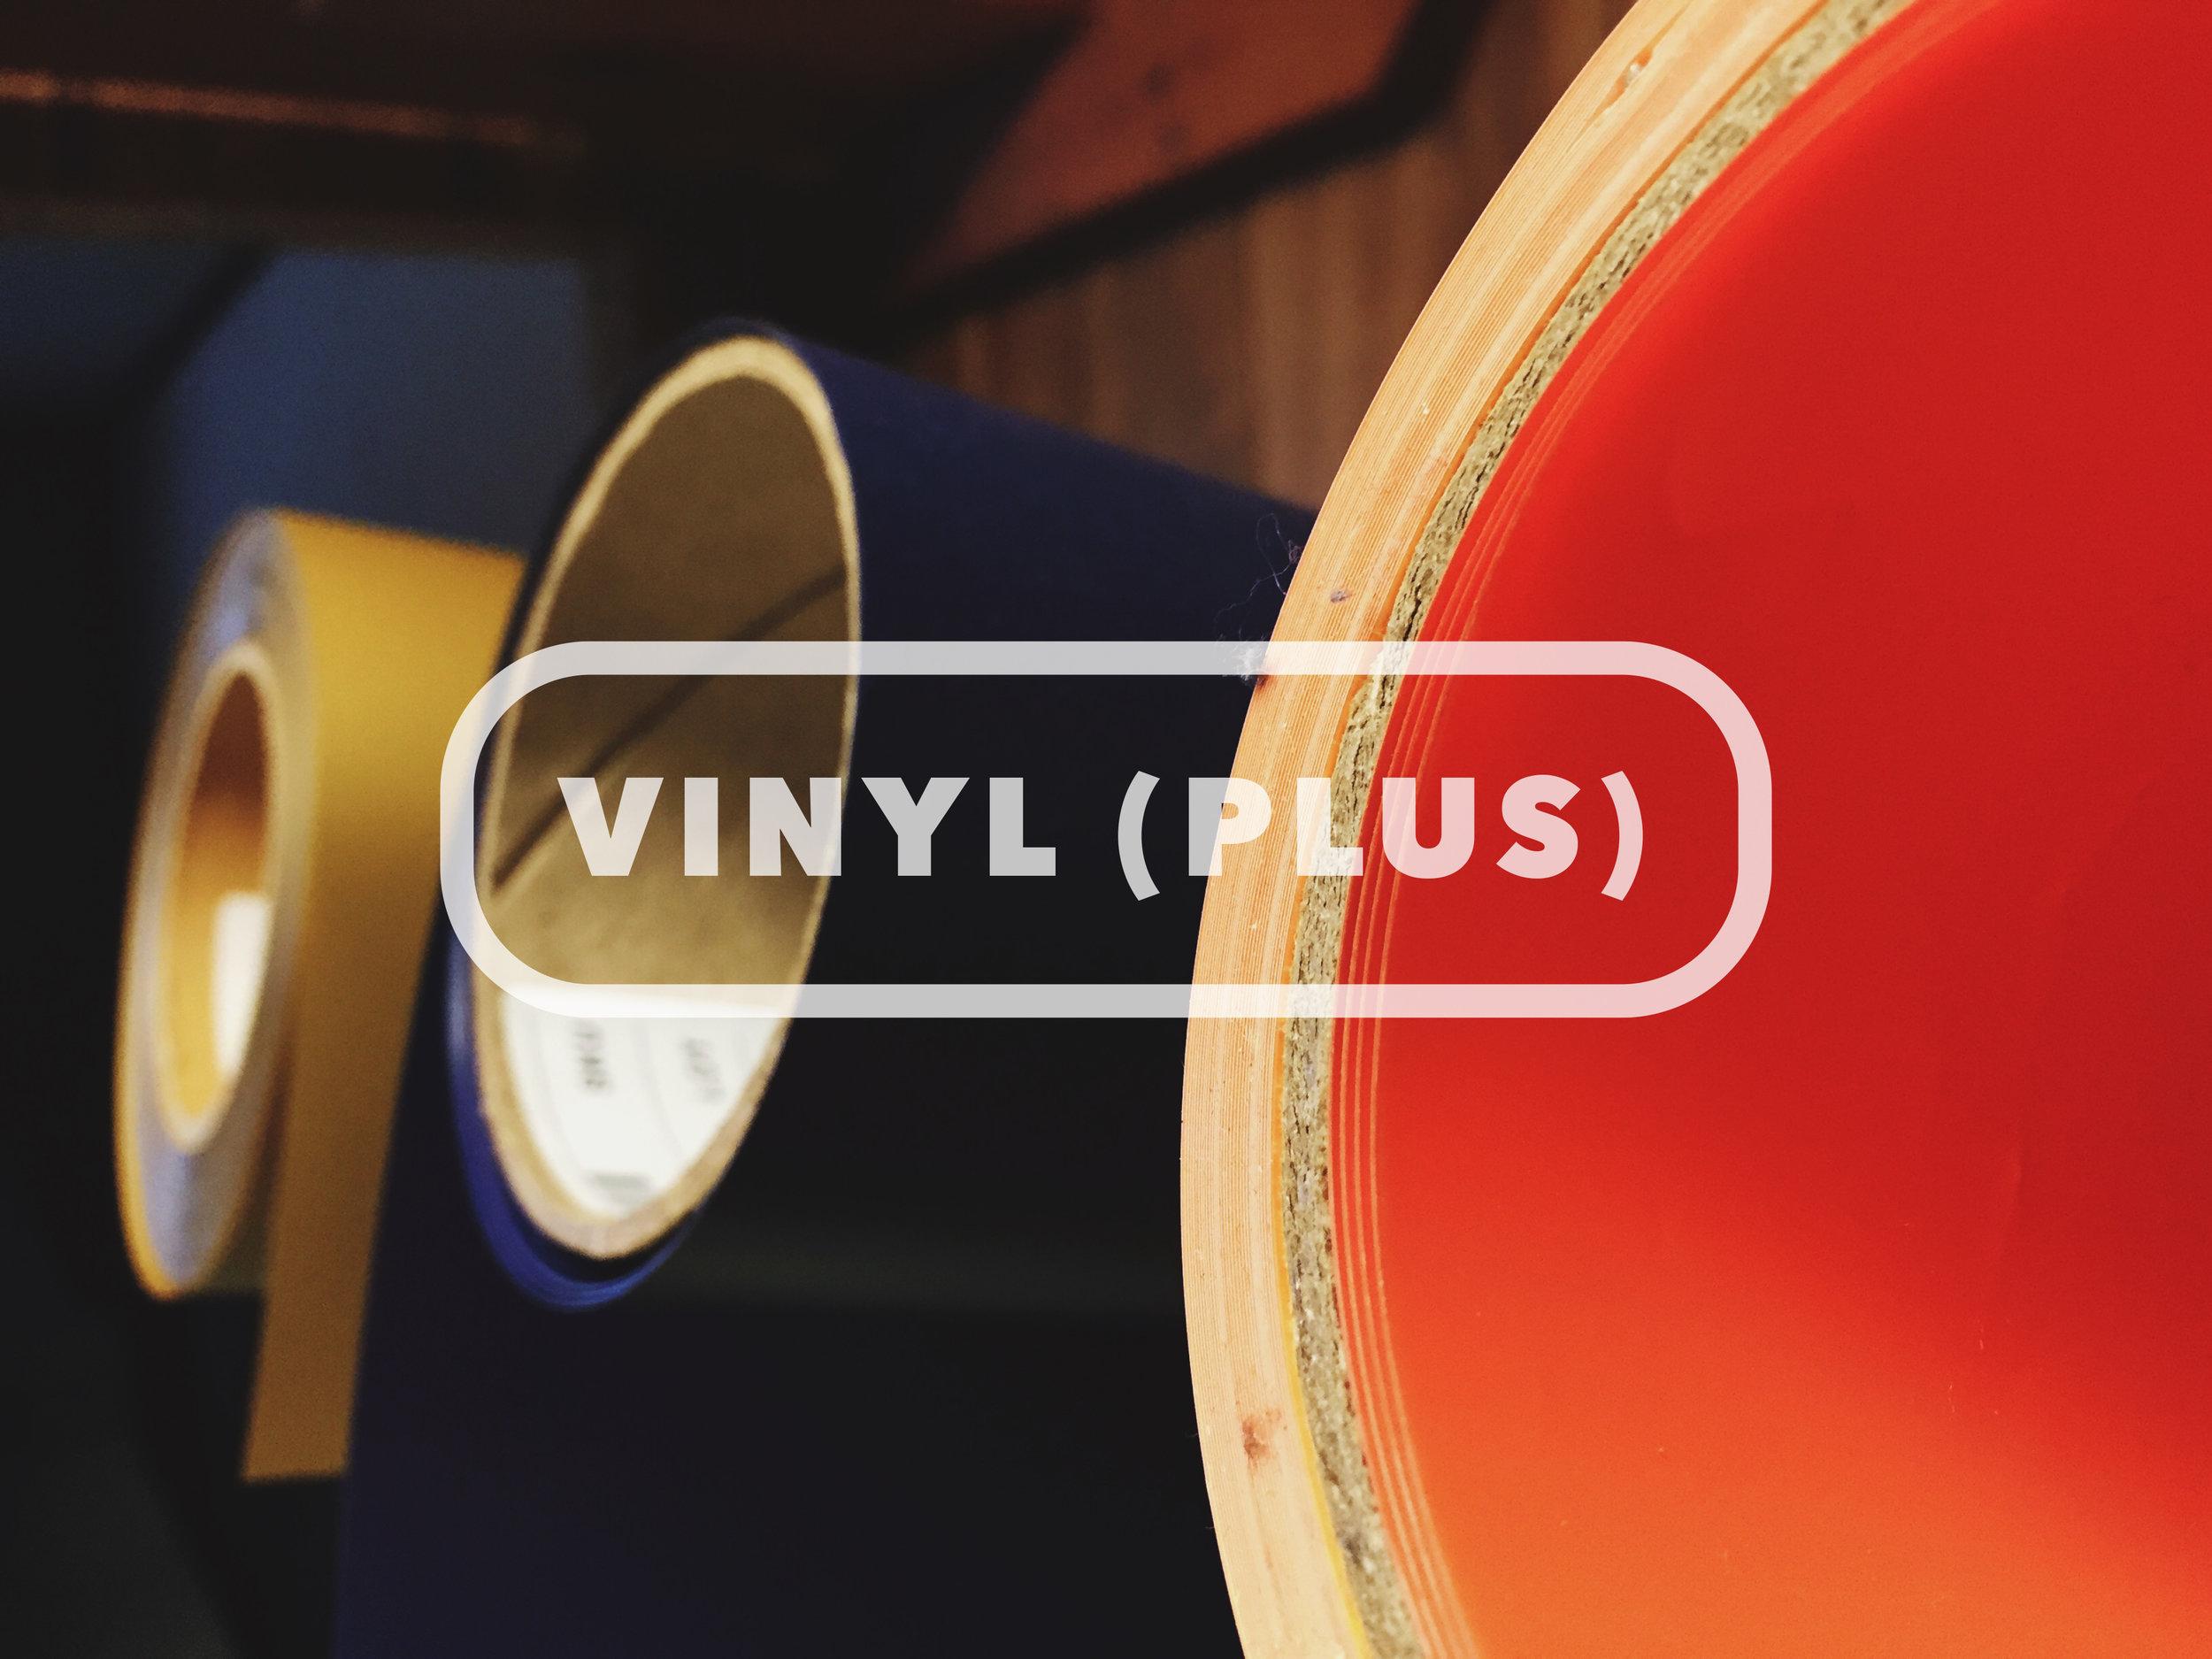 Vinyl Plus (Services)